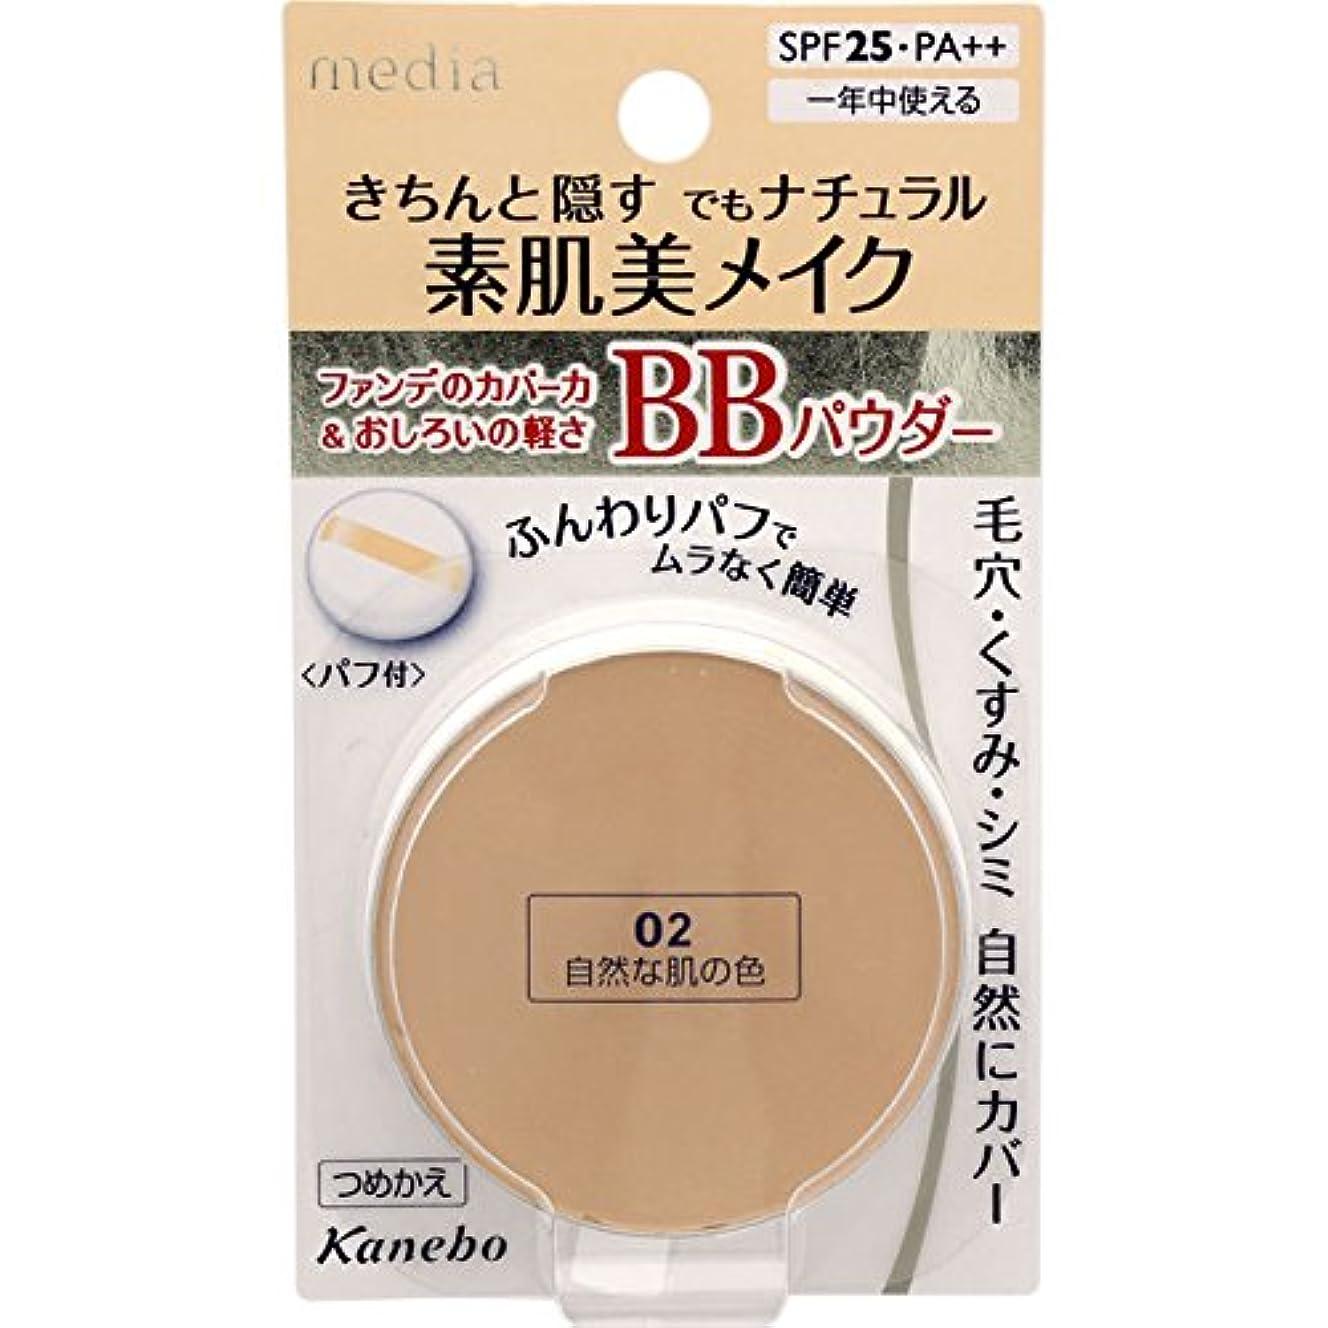 アスリート治療読書カネボウ メディア BBパウダー(レフィルのみ)《10g》<カラー:02自然な肌の色>